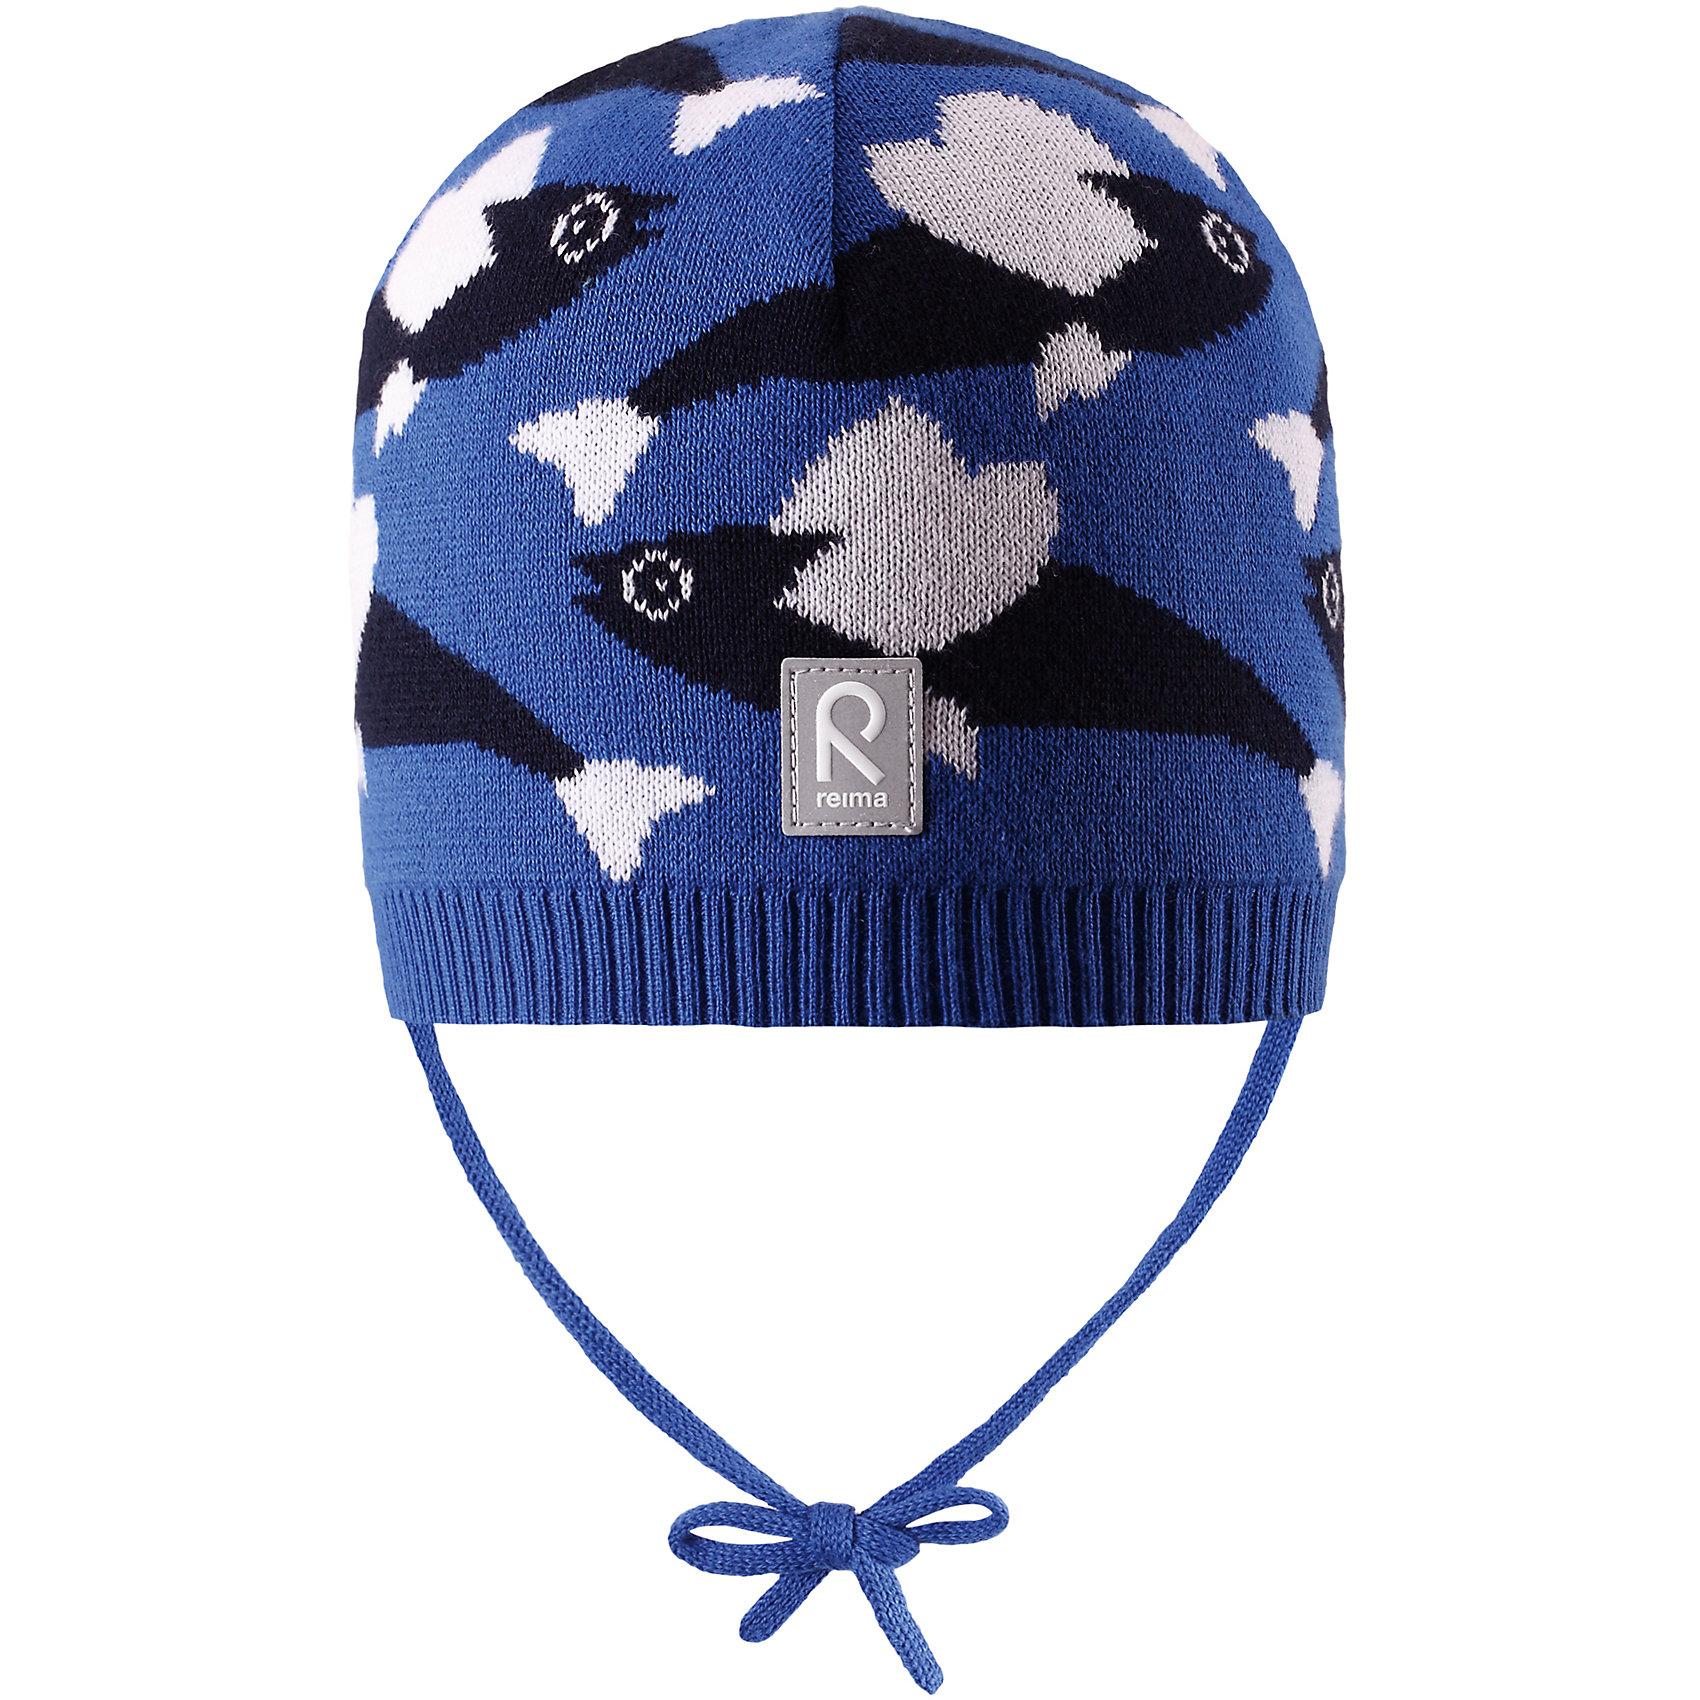 Шапка Harjus для мальчика ReimaШапки и шарфы<br>Характеристики товара:<br><br>• цвет: синий<br>• состав: 100% хлопок<br>• облегчённая модель без подкладки<br>• температурный режим: от +10С<br>• эластичный хлопковый трикотаж<br>• изделие сертифицированно по стандарту Oeko-Tex на продукцию класса 1 - одежда для новорождённых<br>• завязки во всех размерах<br>• эмблема Reima сзади<br>• сплошная жаккардовая узорная вязка<br>• страна бренда: Финляндия<br>• страна производства: Китай<br><br>Детский головной убор может быть модным и удобным одновременно! Стильная шапка поможет обеспечить ребенку комфорт и дополнить наряд.Шапка удобно сидит и аккуратно выглядит. Проста в уходе, долго служит. Стильный дизайн разрабатывался специально для детей. Отличная защита от дождя и ветра!<br><br>Уход:<br><br>• стирать по отдельности, вывернув наизнанку<br>• придать первоначальную форму вo влажном виде<br>• возможна усадка 5 %.<br><br>Шапку для мальчика от финского бренда Reima (Рейма) можно купить в нашем интернет-магазине.<br><br>Ширина мм: 89<br>Глубина мм: 117<br>Высота мм: 44<br>Вес г: 155<br>Цвет: синий<br>Возраст от месяцев: 6<br>Возраст до месяцев: 9<br>Пол: Мужской<br>Возраст: Детский<br>Размер: 46,52,50,48<br>SKU: 5270946